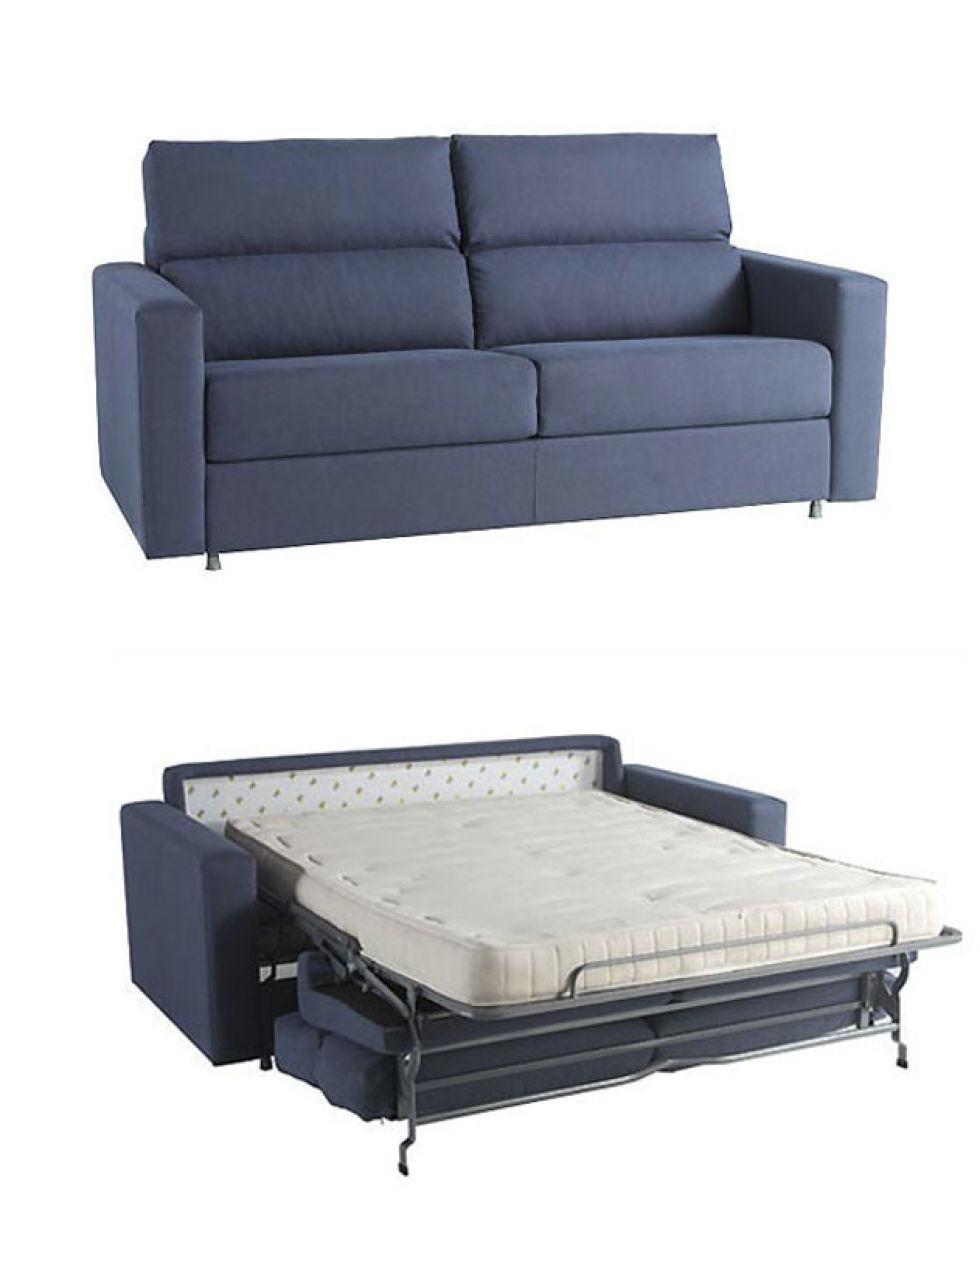 Sofa cama en corte ingles - Sofas de el corte ingles ...